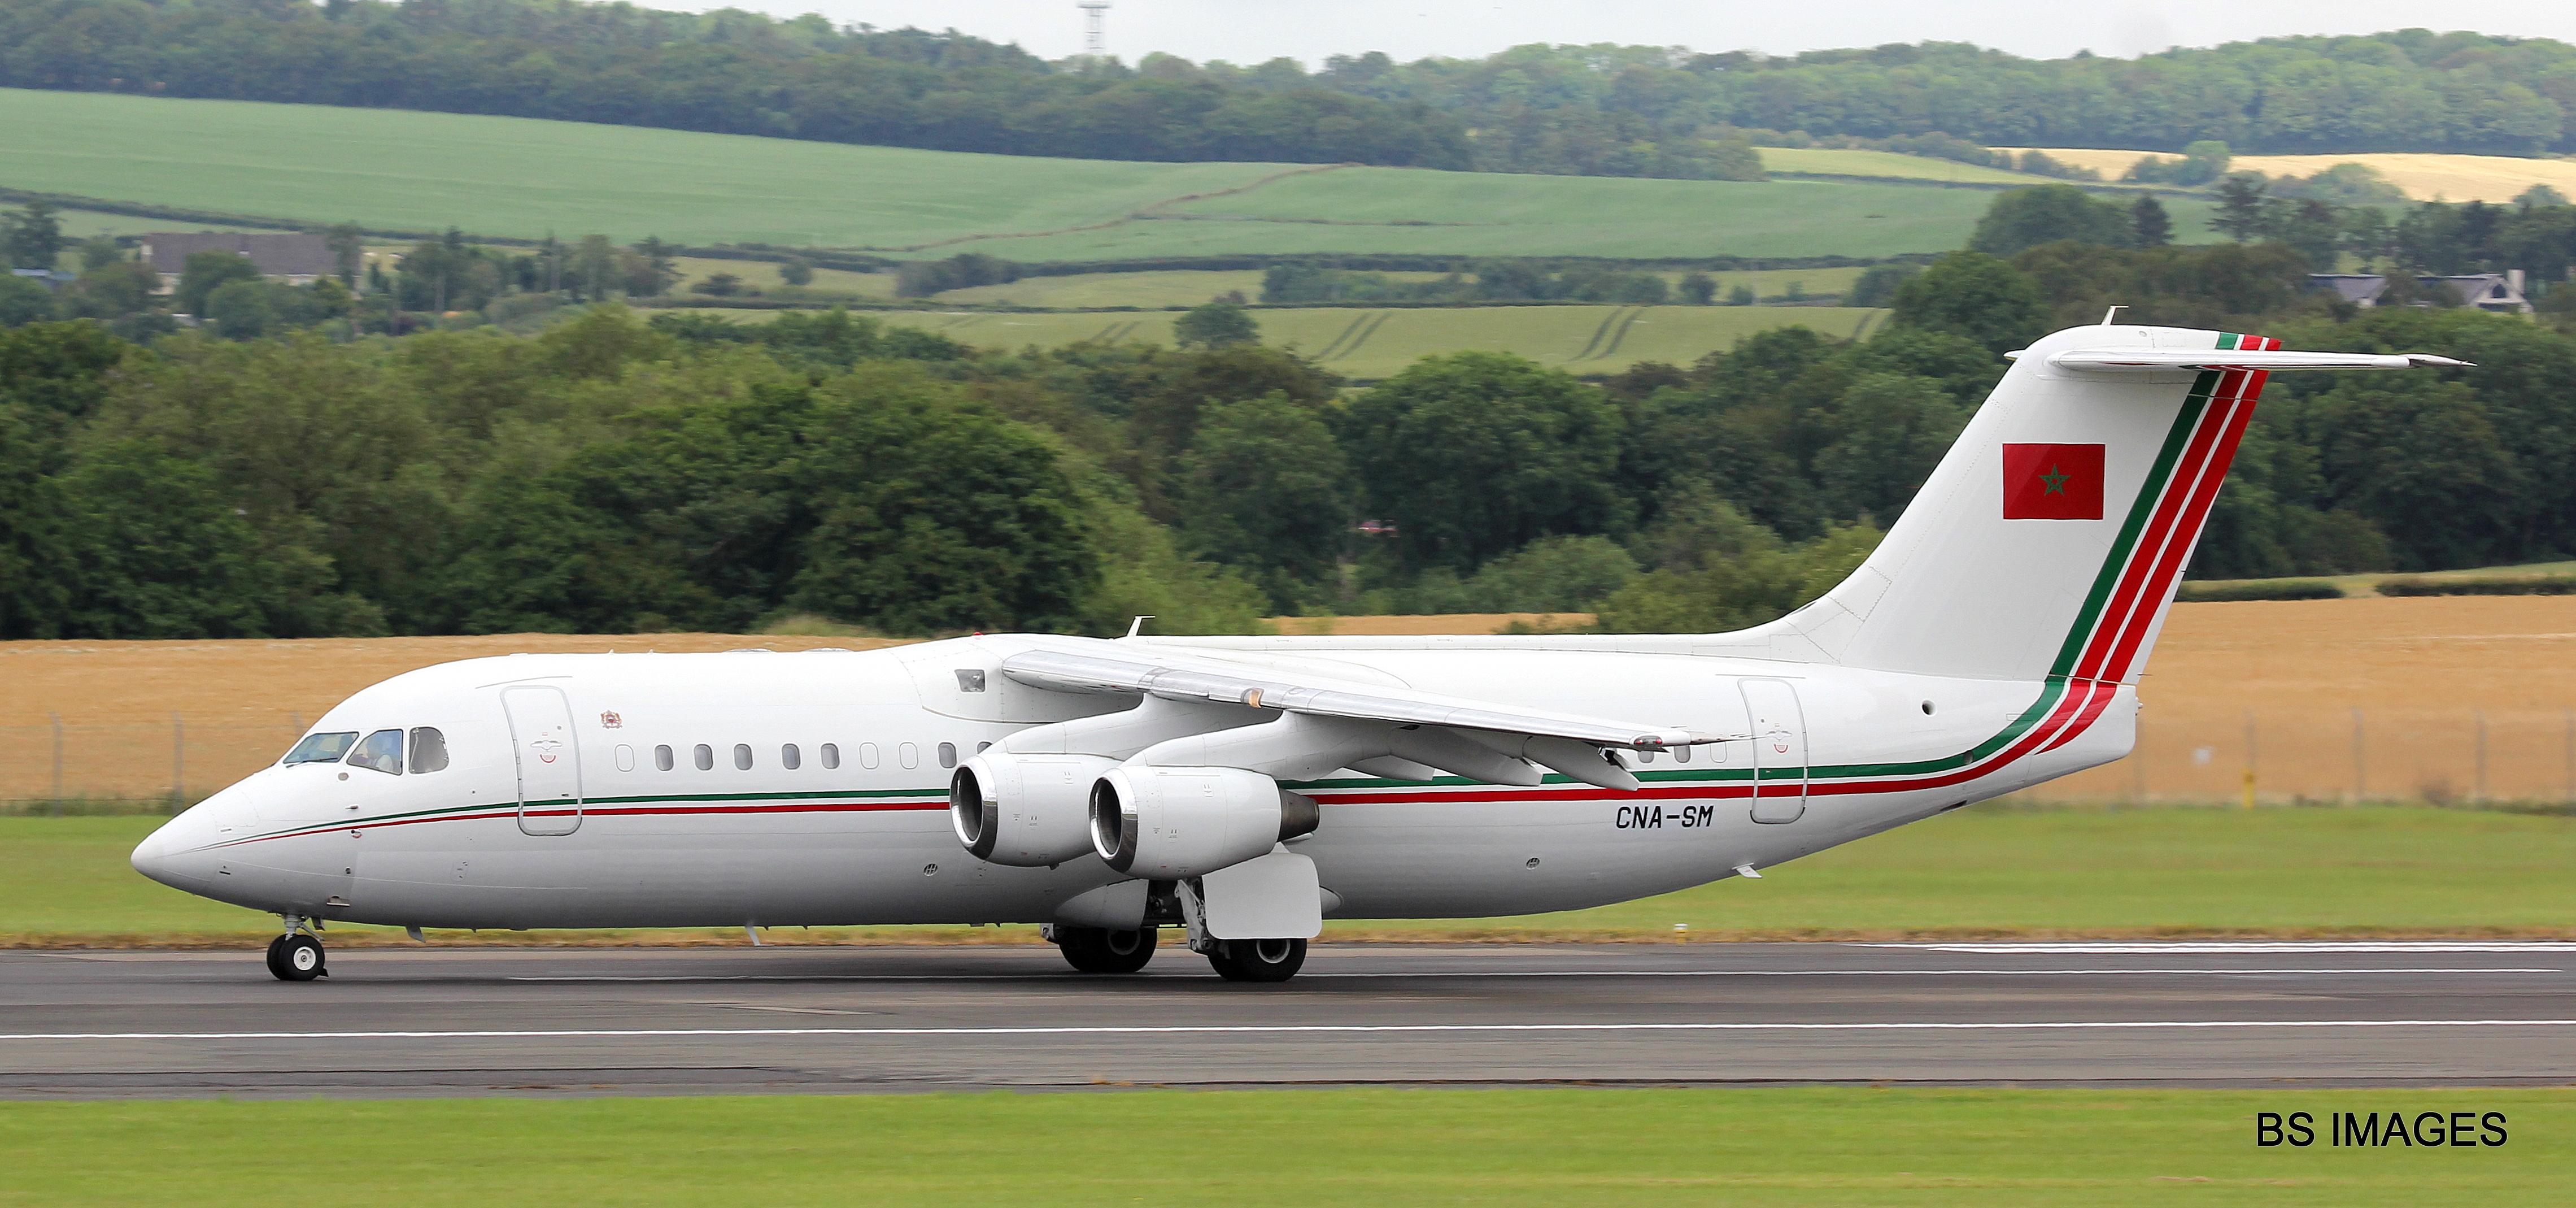 FRA: Avions VIP, Liaison & ECM - Page 23 48259955711_cc1e6c4803_o